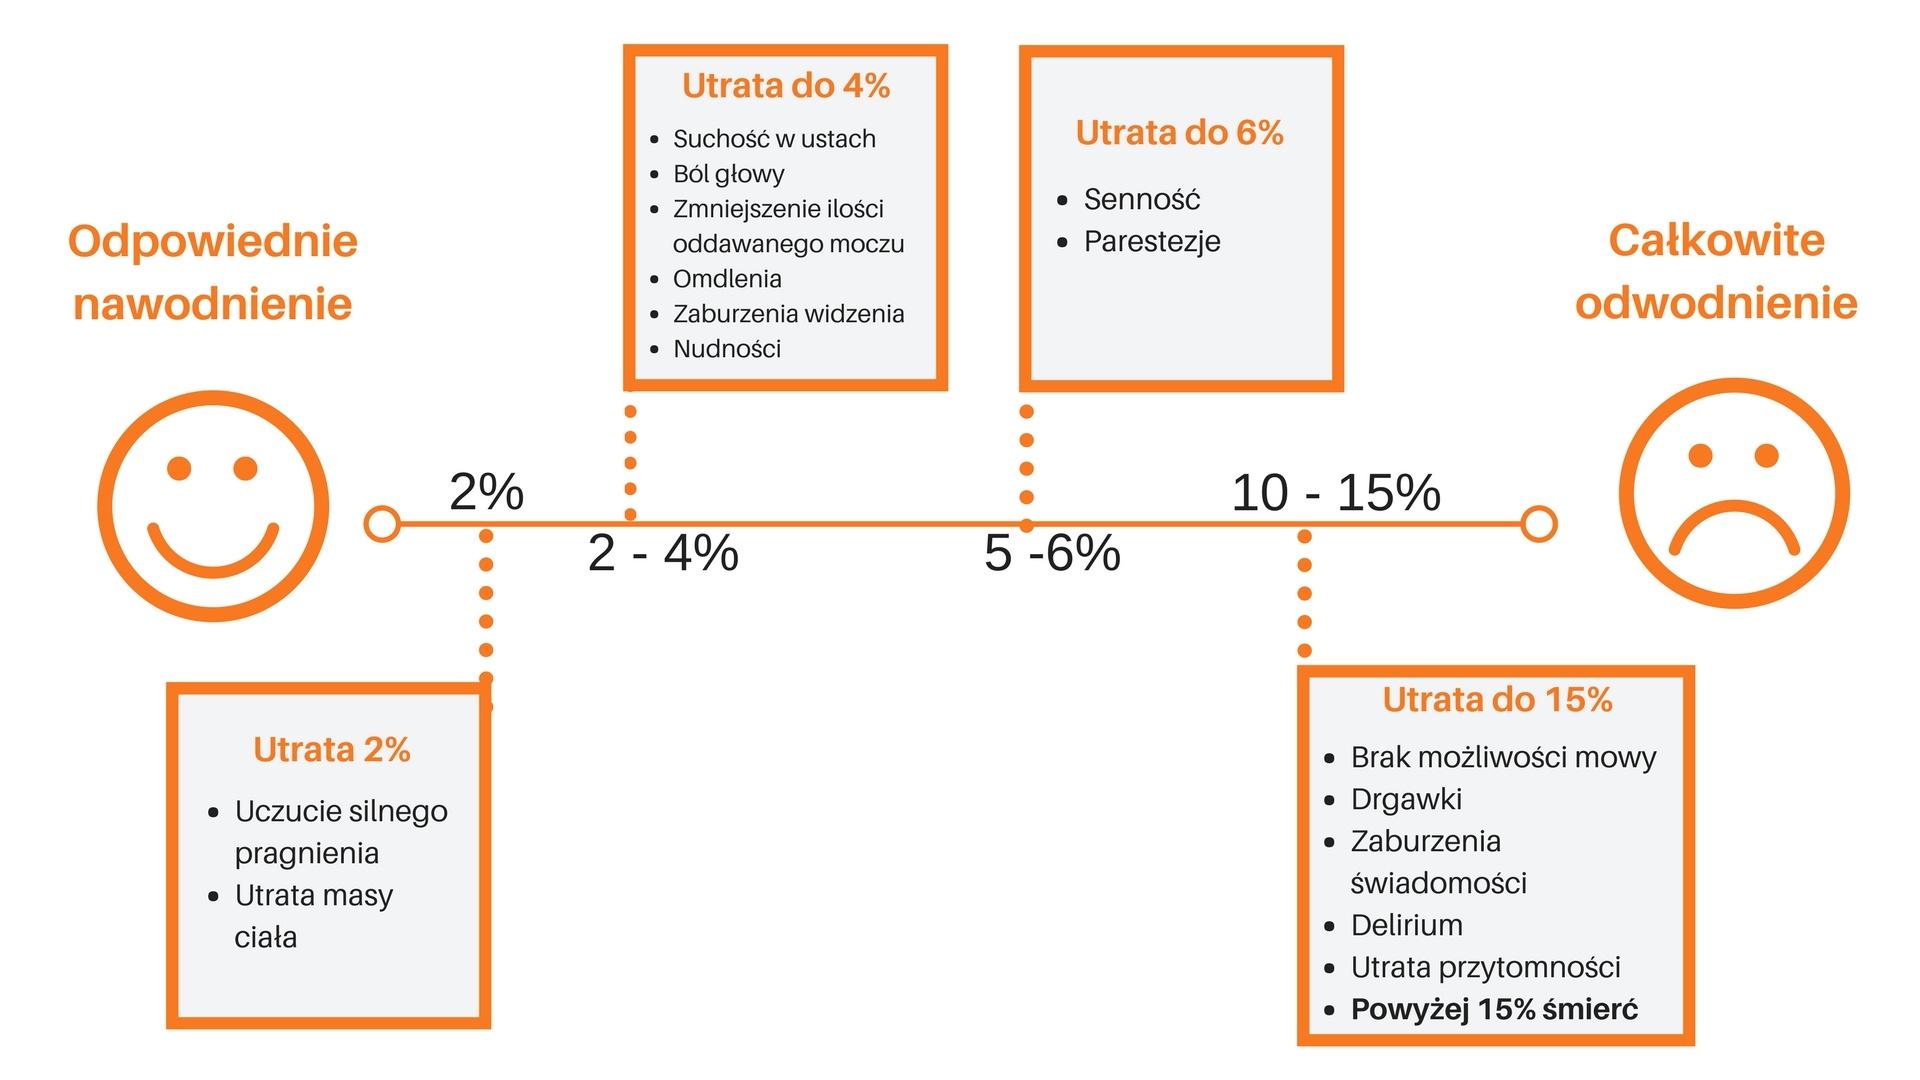 odwodnienie - skutki przedstawione w infografice